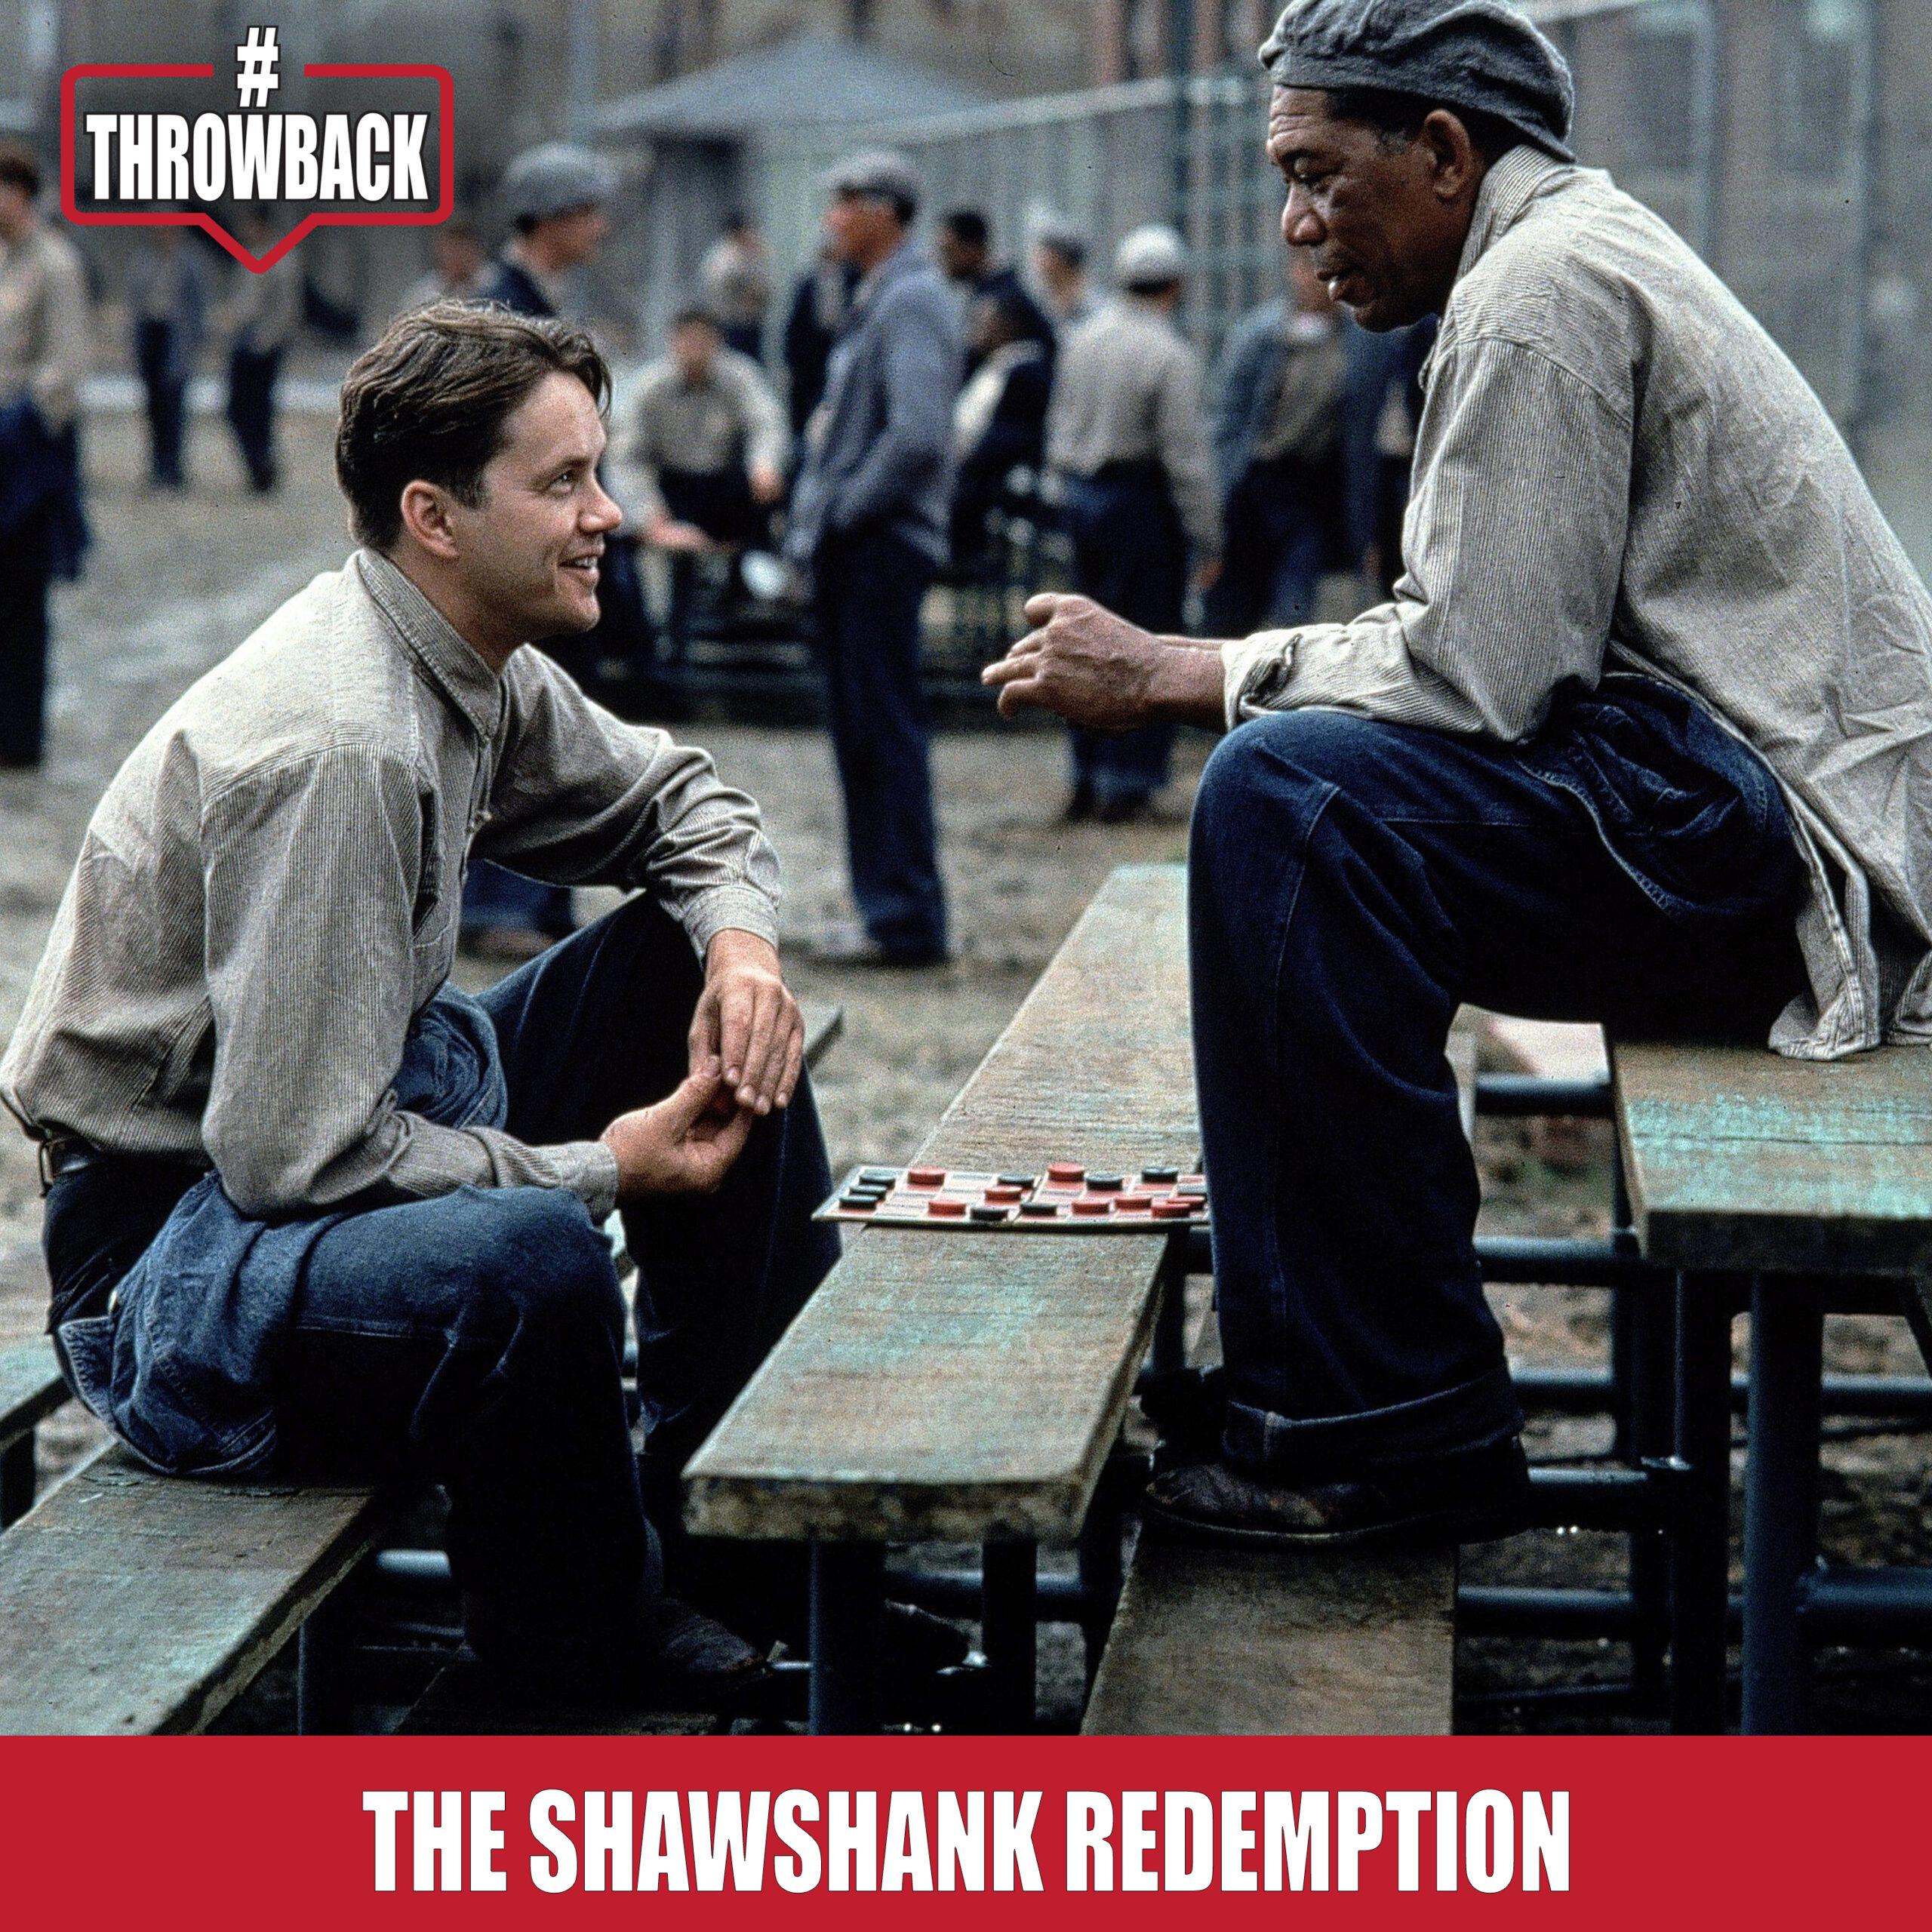 Throwback #46 – The Shawshank Redemption